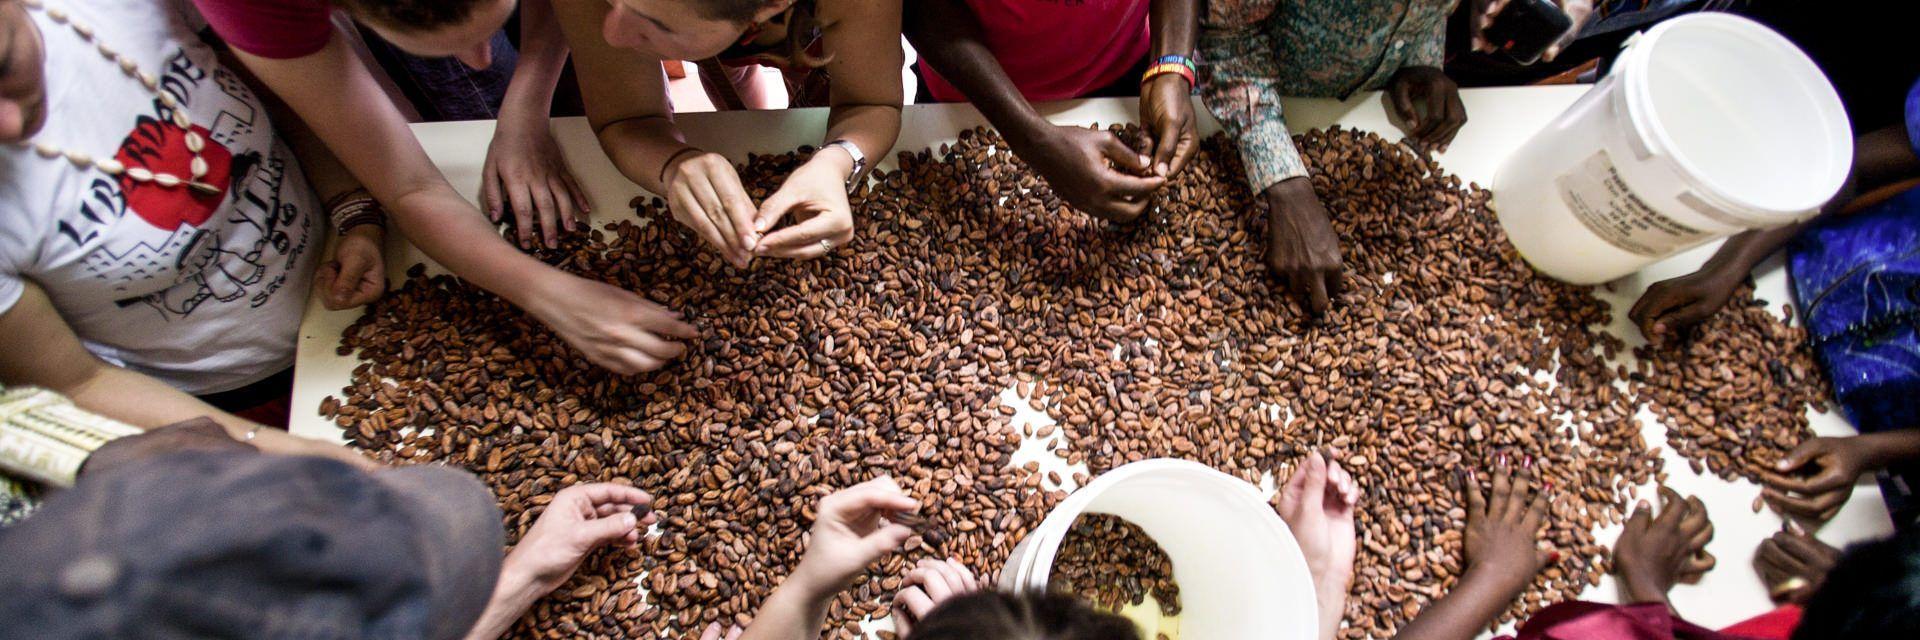 visite guidate al laboratorio di cioccolato